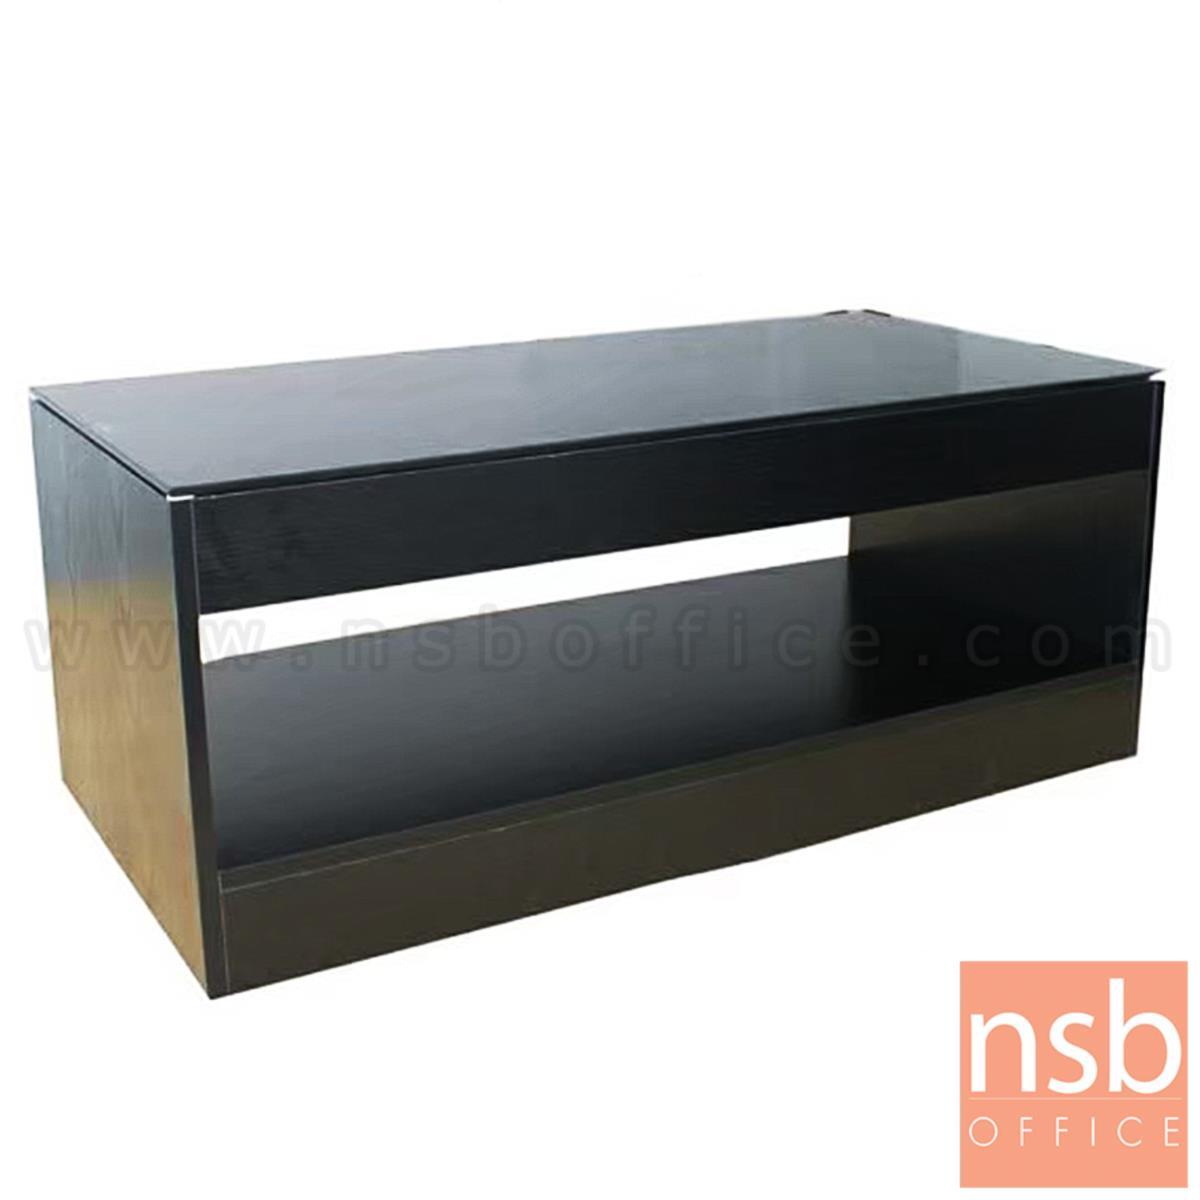 B13A290:โต๊ะกลางหน้าท็อปกระจก รุ่น ขนาด 100W cm. โครงไม้ลามิเนต